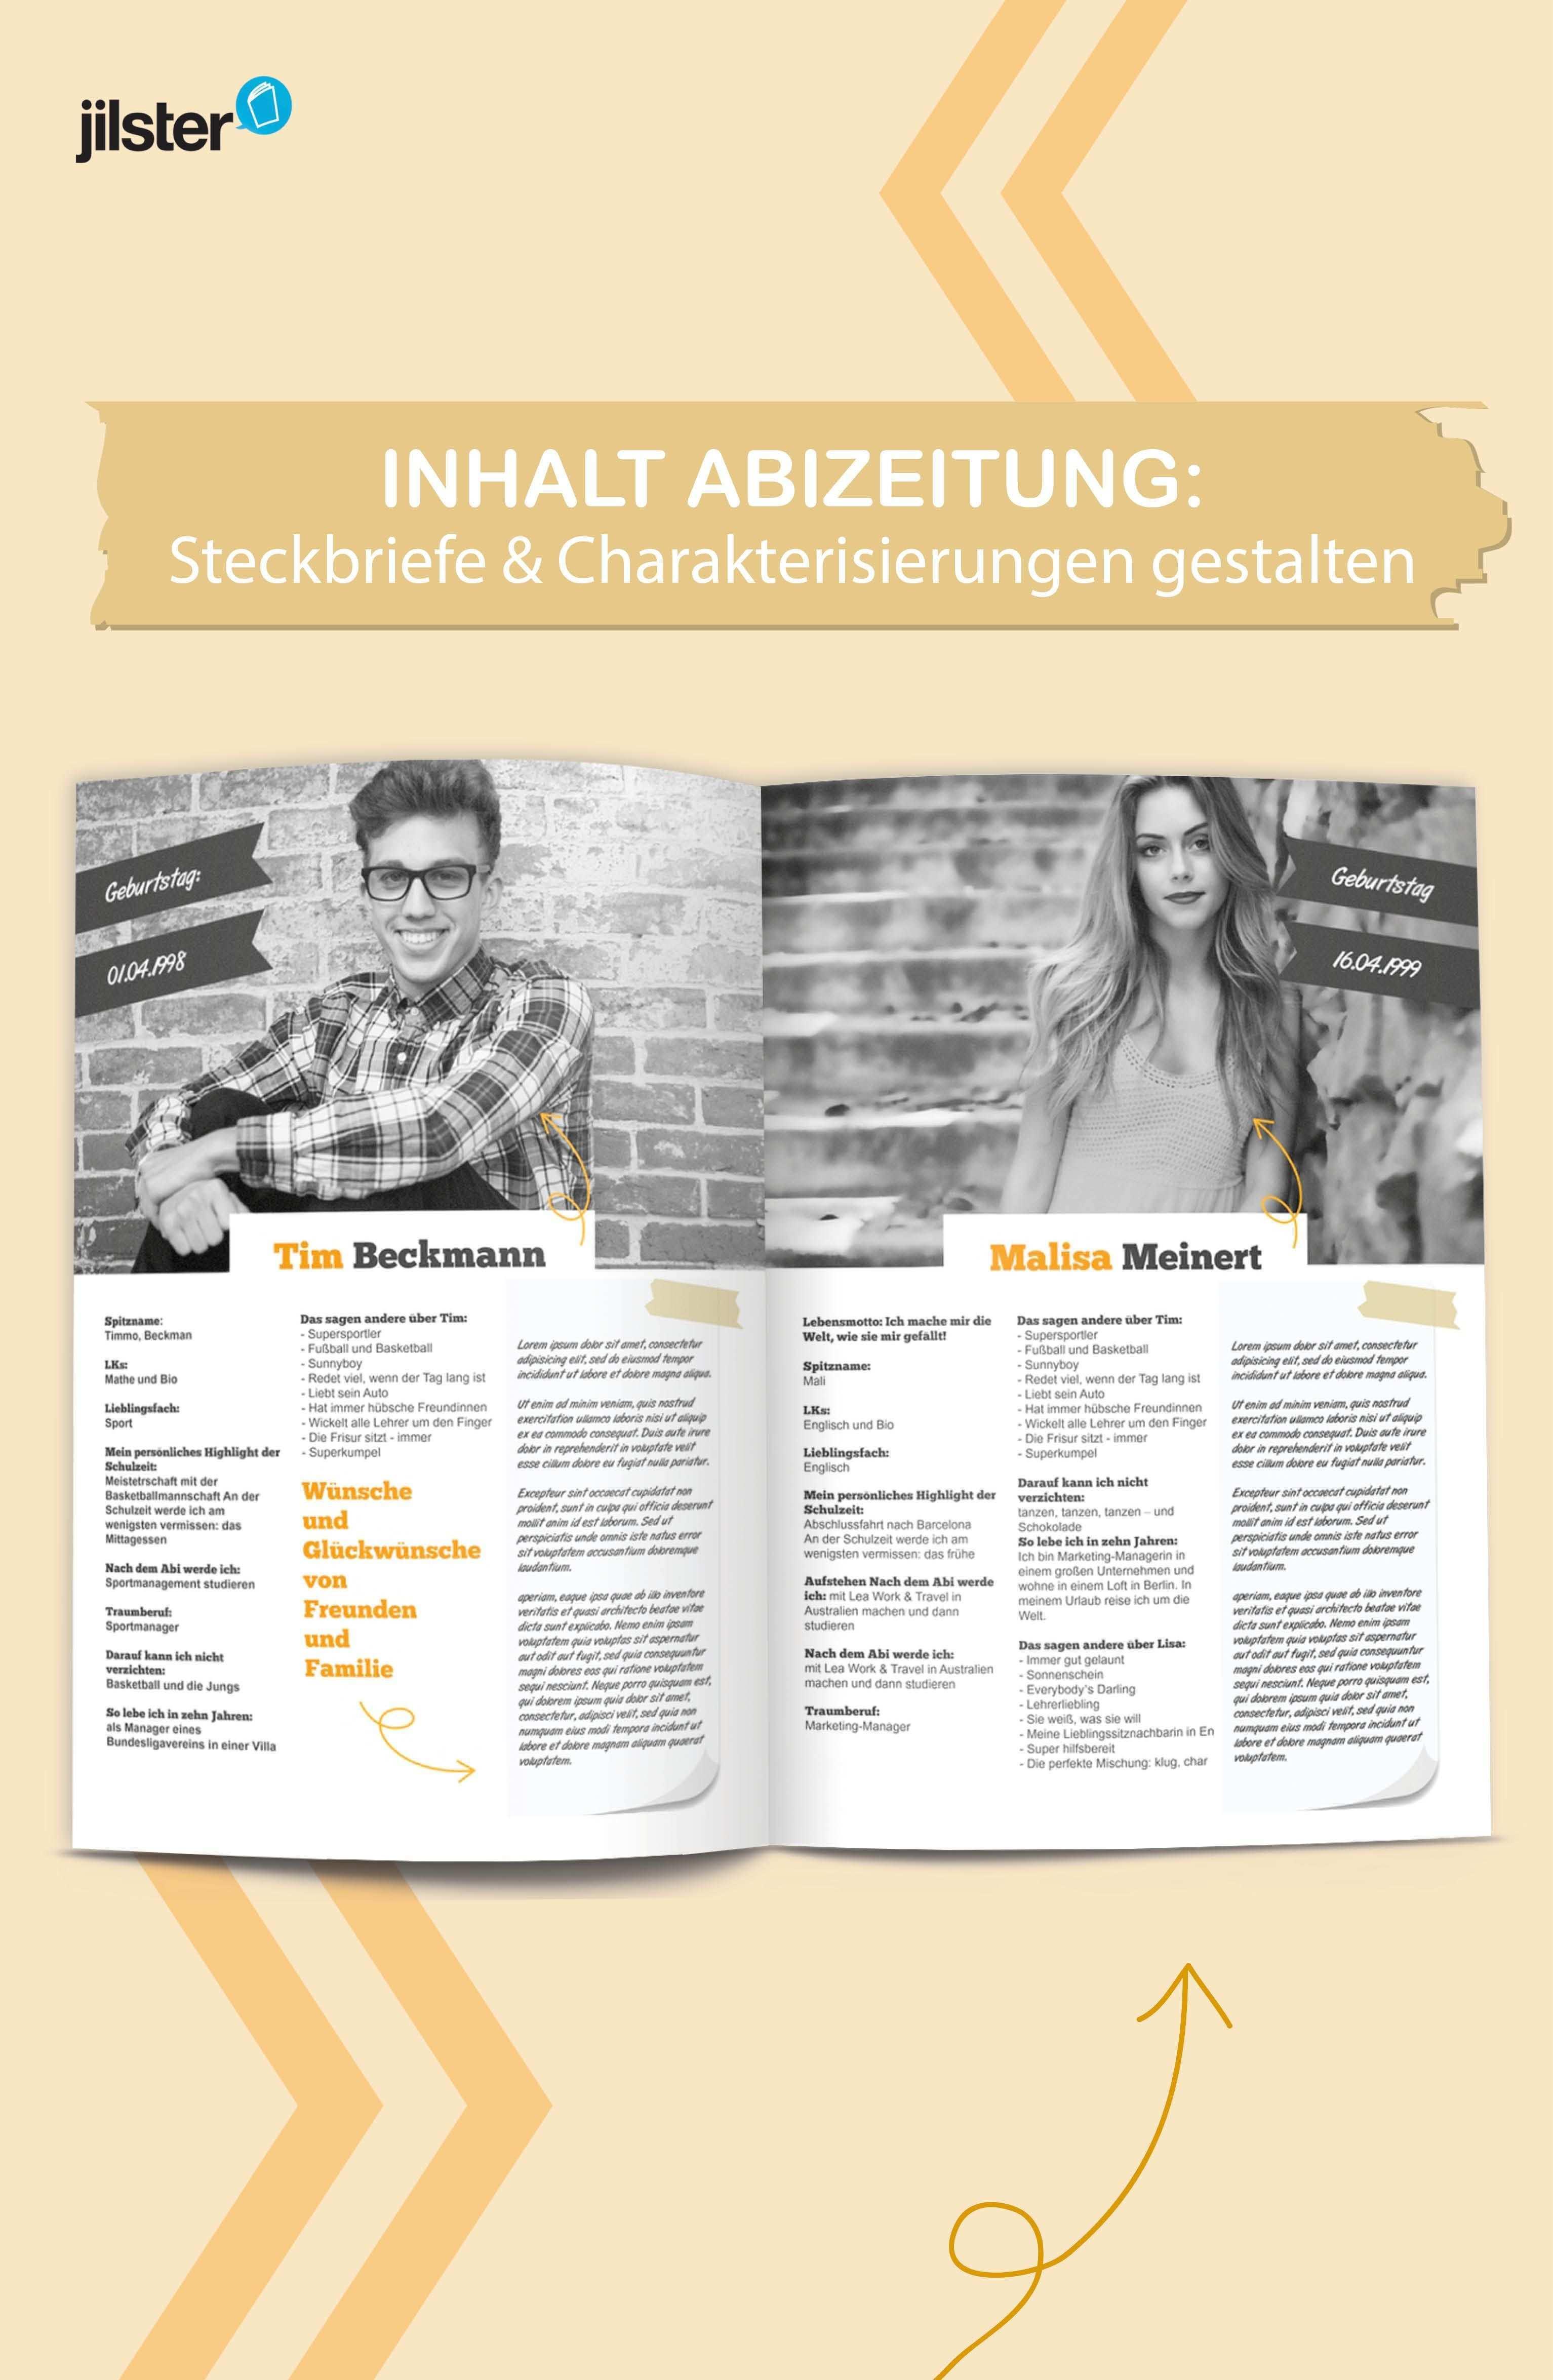 Abizeitung Steckbriefe Gestalten Jilster Blog Abizeitung Steckbrief Zeitung